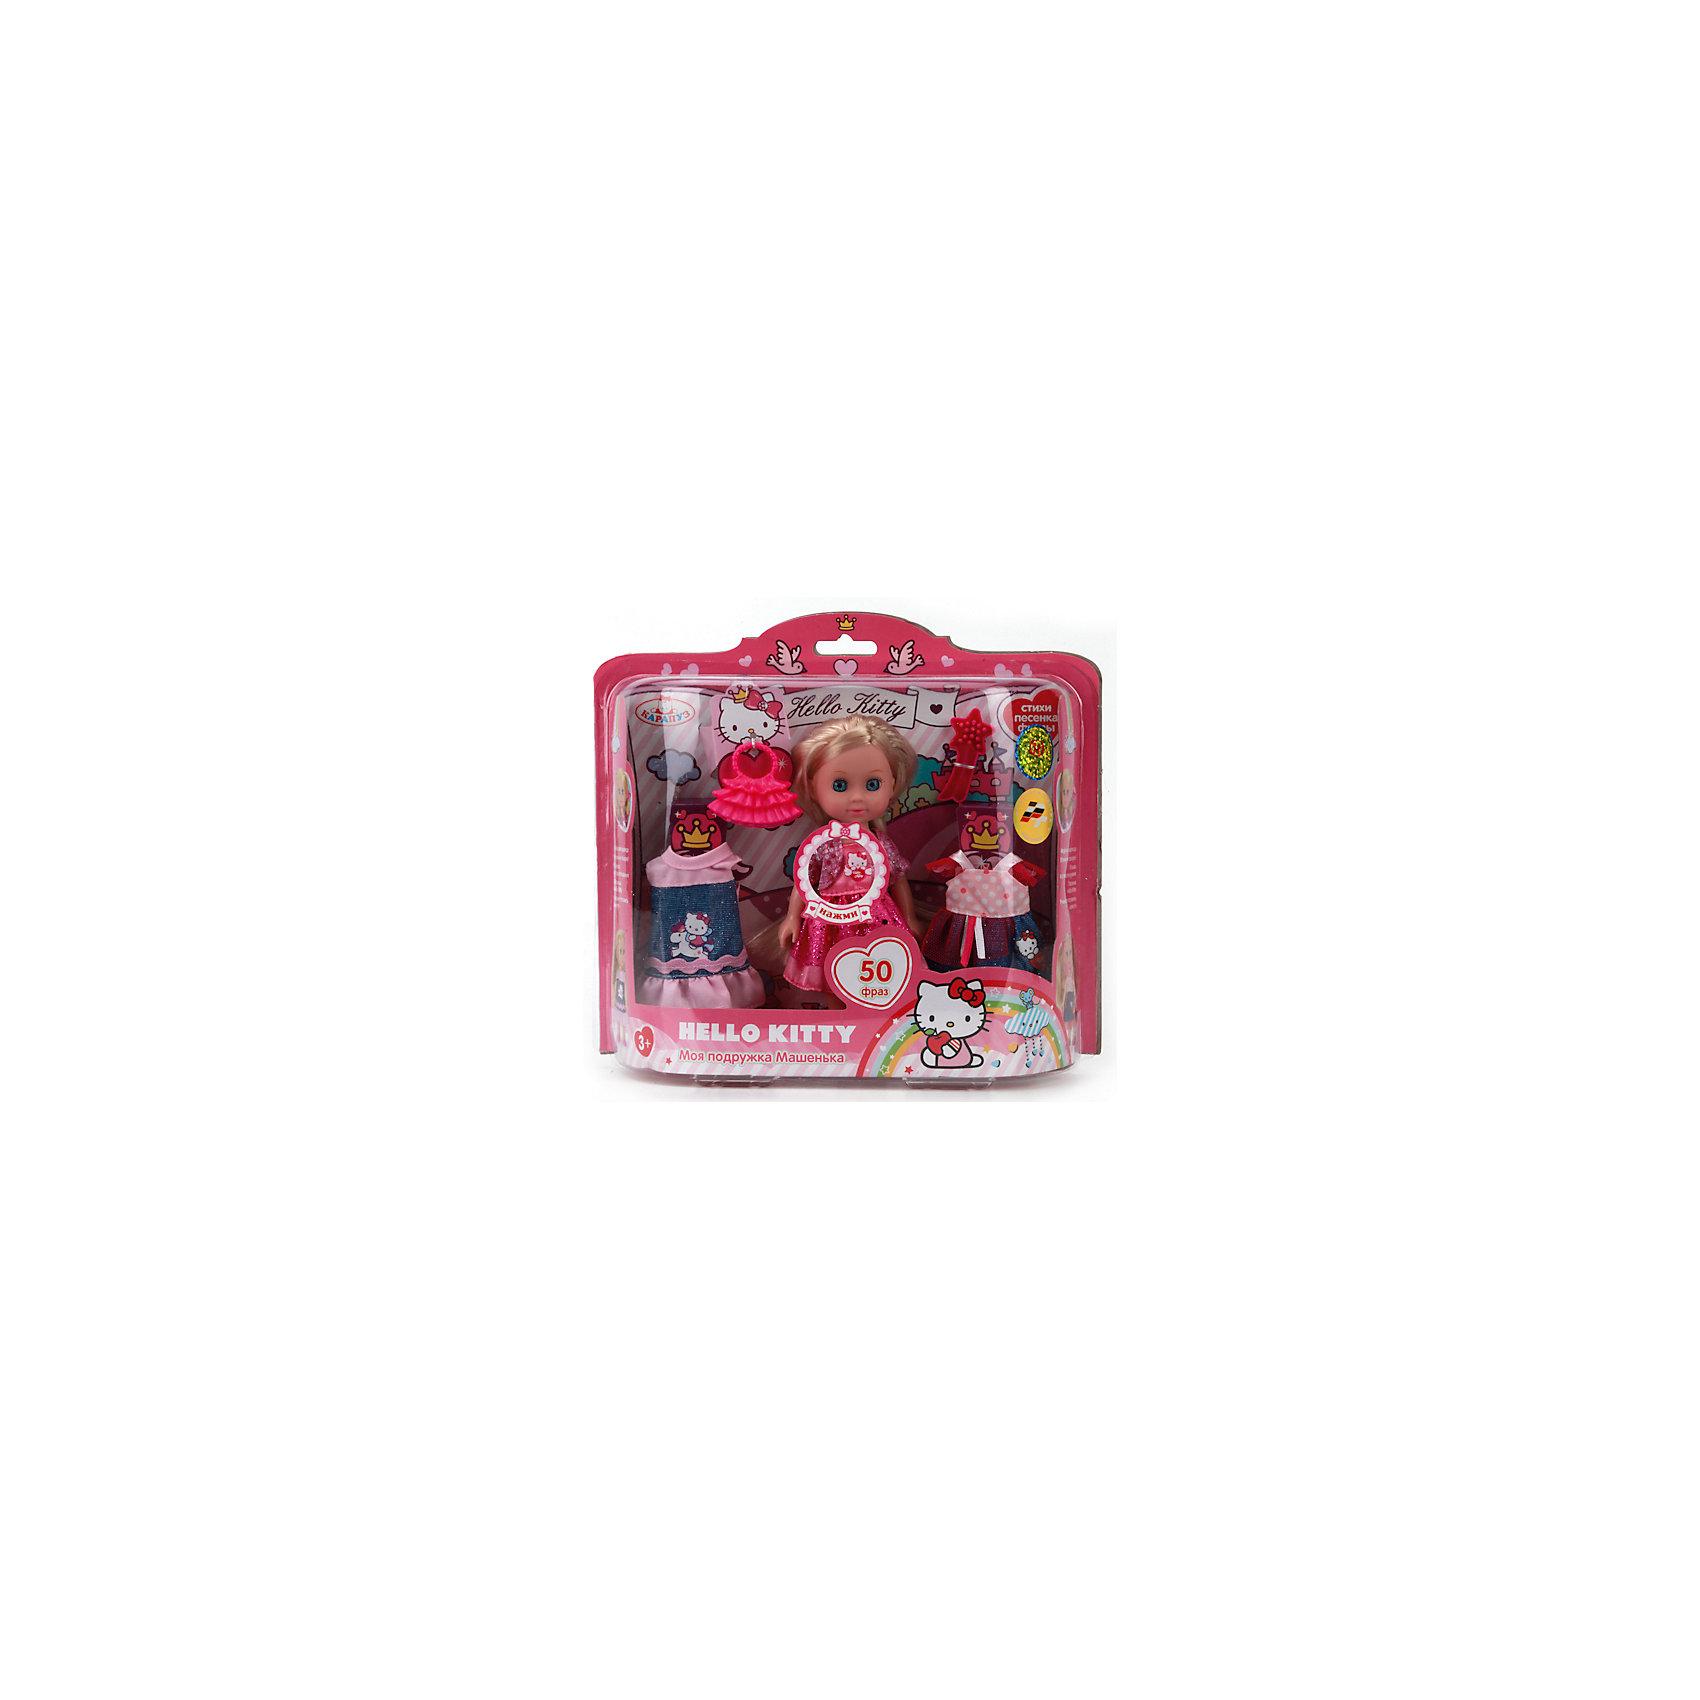 Кукла Машенька с одеждой, Hello kitty, 15см, КарапузЭта очаровательная куколка обязательно понравится девочкам! Если нажать на кнопку на груди, она споет веселую песенку, расскажет стихи или развлечет разговором. Машенька одета в красивое розовое платье с изображением Hello Kitty (Хелло Китти), на ногах у нее - миниатюрные розовые туфельки. В комплекте -еще два очаровательных платья и различные аксессуары. Длинные белокурые волосы куклы мягкие и шелковистые, их очень приятно расчесывать, создавая всевозможные прически. Глаза с настоящими ресницами смотрятся невероятно живо и выразительно. Машенька очень похожа на маленькую девочку, без яркого макияжа и эпатажной одежды - то что нужно для еще совсем юных малышек. <br><br>Дополнительная информация:<br><br>- Материал: пластик, текстиль.<br>- Размер куклы: 15 см.<br>- Голова, руки, ноги куклы подвижные.<br>- Комплектация: кукла в одежде, 2 сменных платья, обувь, расческа, сумочка.<br>- 50 фраз, стихов и песенок.<br>- Элемент питания: 3 батарейки LR41 (в комплекте).<br><br>Кукла Машеньку с одеждой, Hello kitty, 15см, Карапуз, можно купить в нашем магазине.<br><br>Ширина мм: 430<br>Глубина мм: 500<br>Высота мм: 690<br>Вес г: 270<br>Возраст от месяцев: 36<br>Возраст до месяцев: 84<br>Пол: Женский<br>Возраст: Детский<br>SKU: 4408240